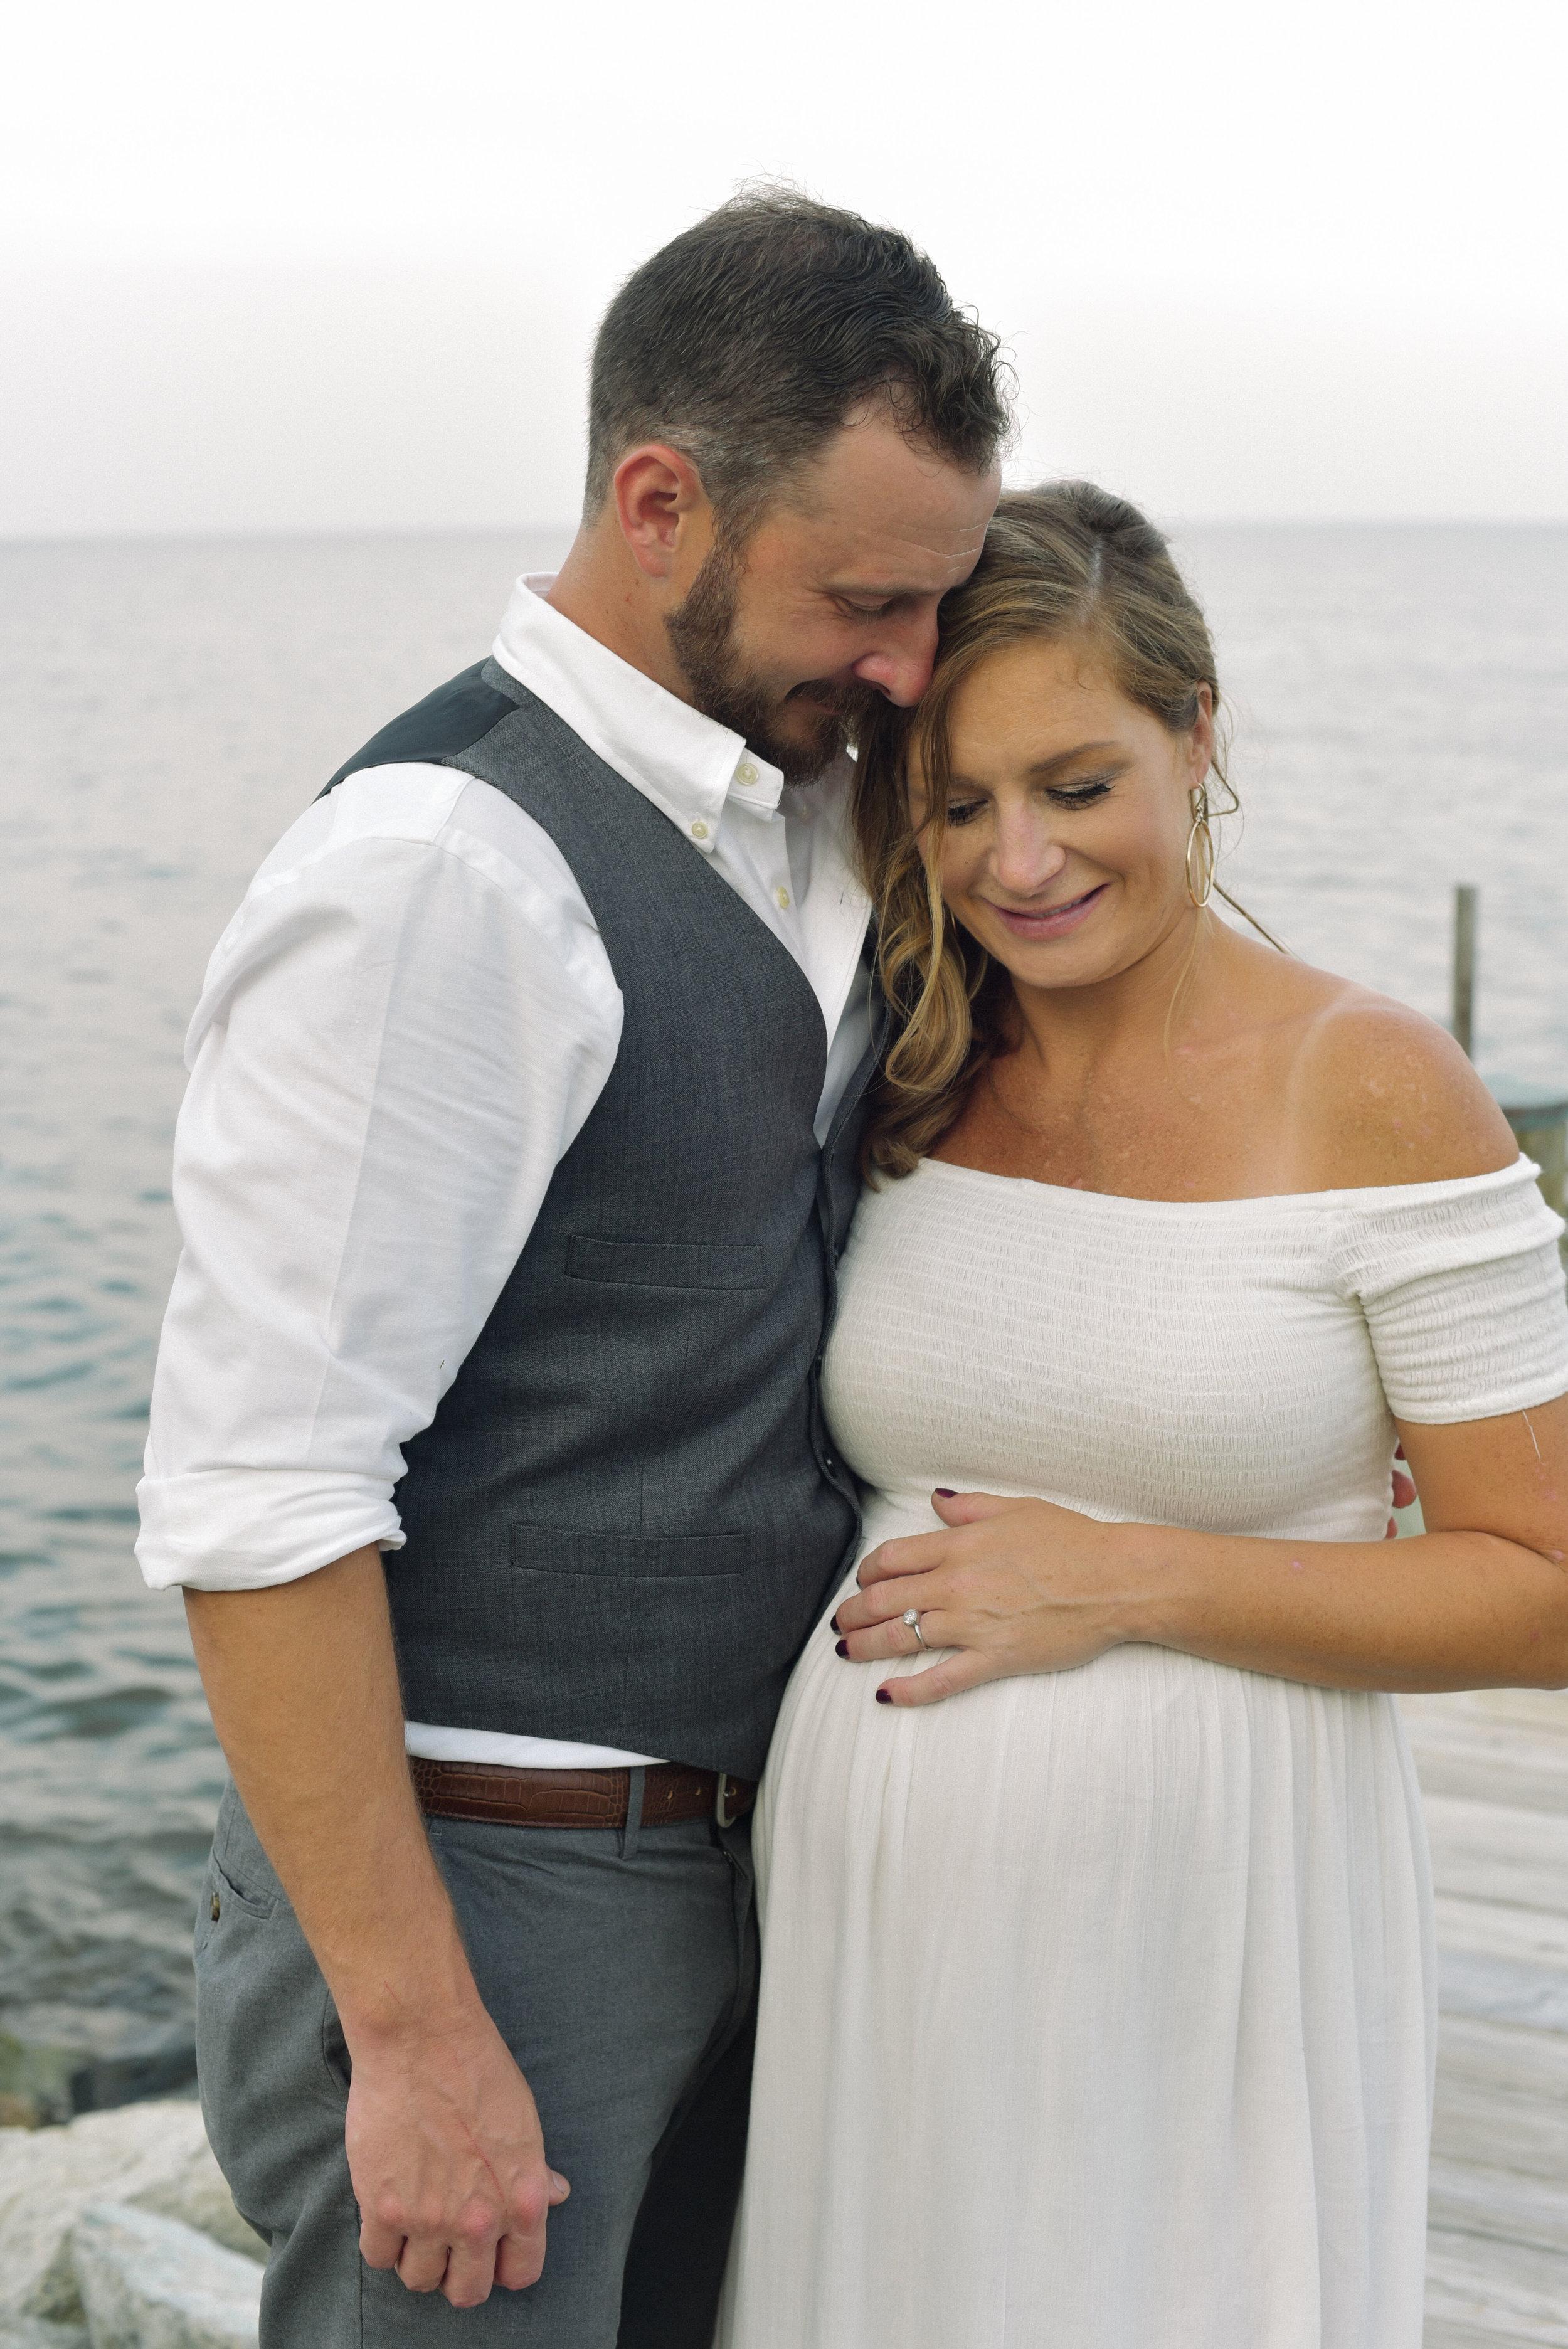 chesapeake_beach_backyard_wedding-67.jpg